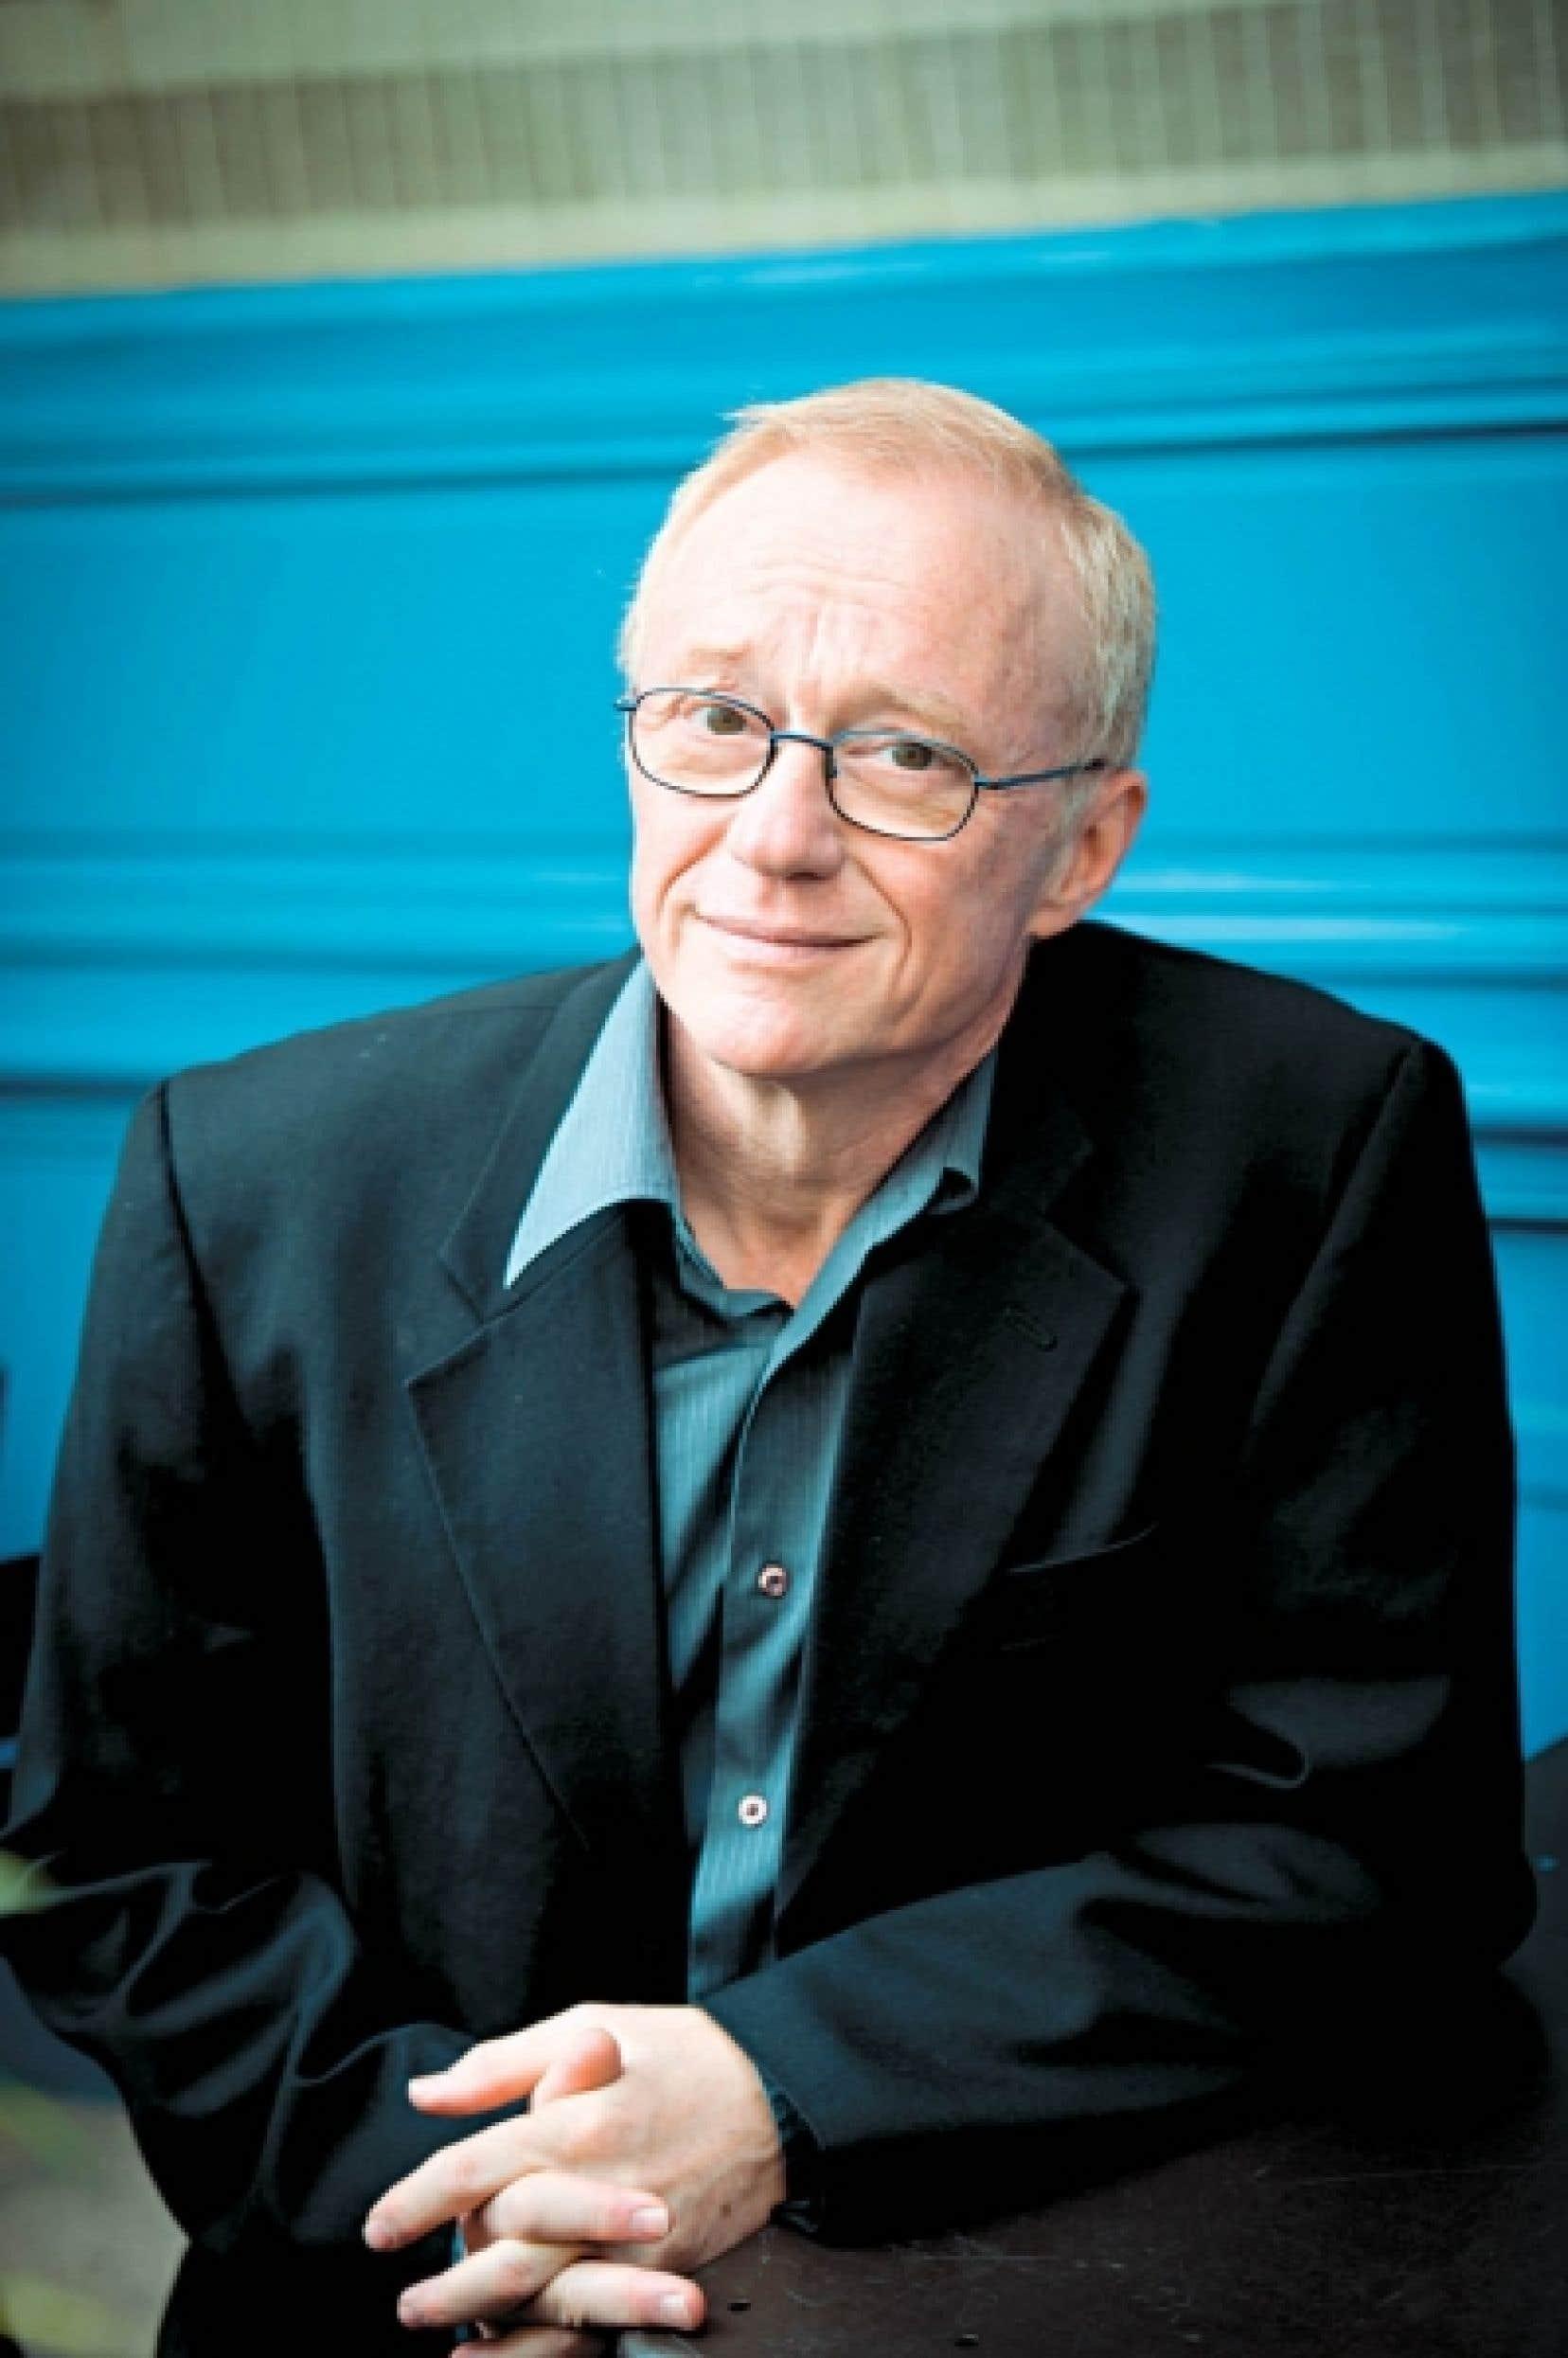 David Grossman est né à Jérusalem en 1954.